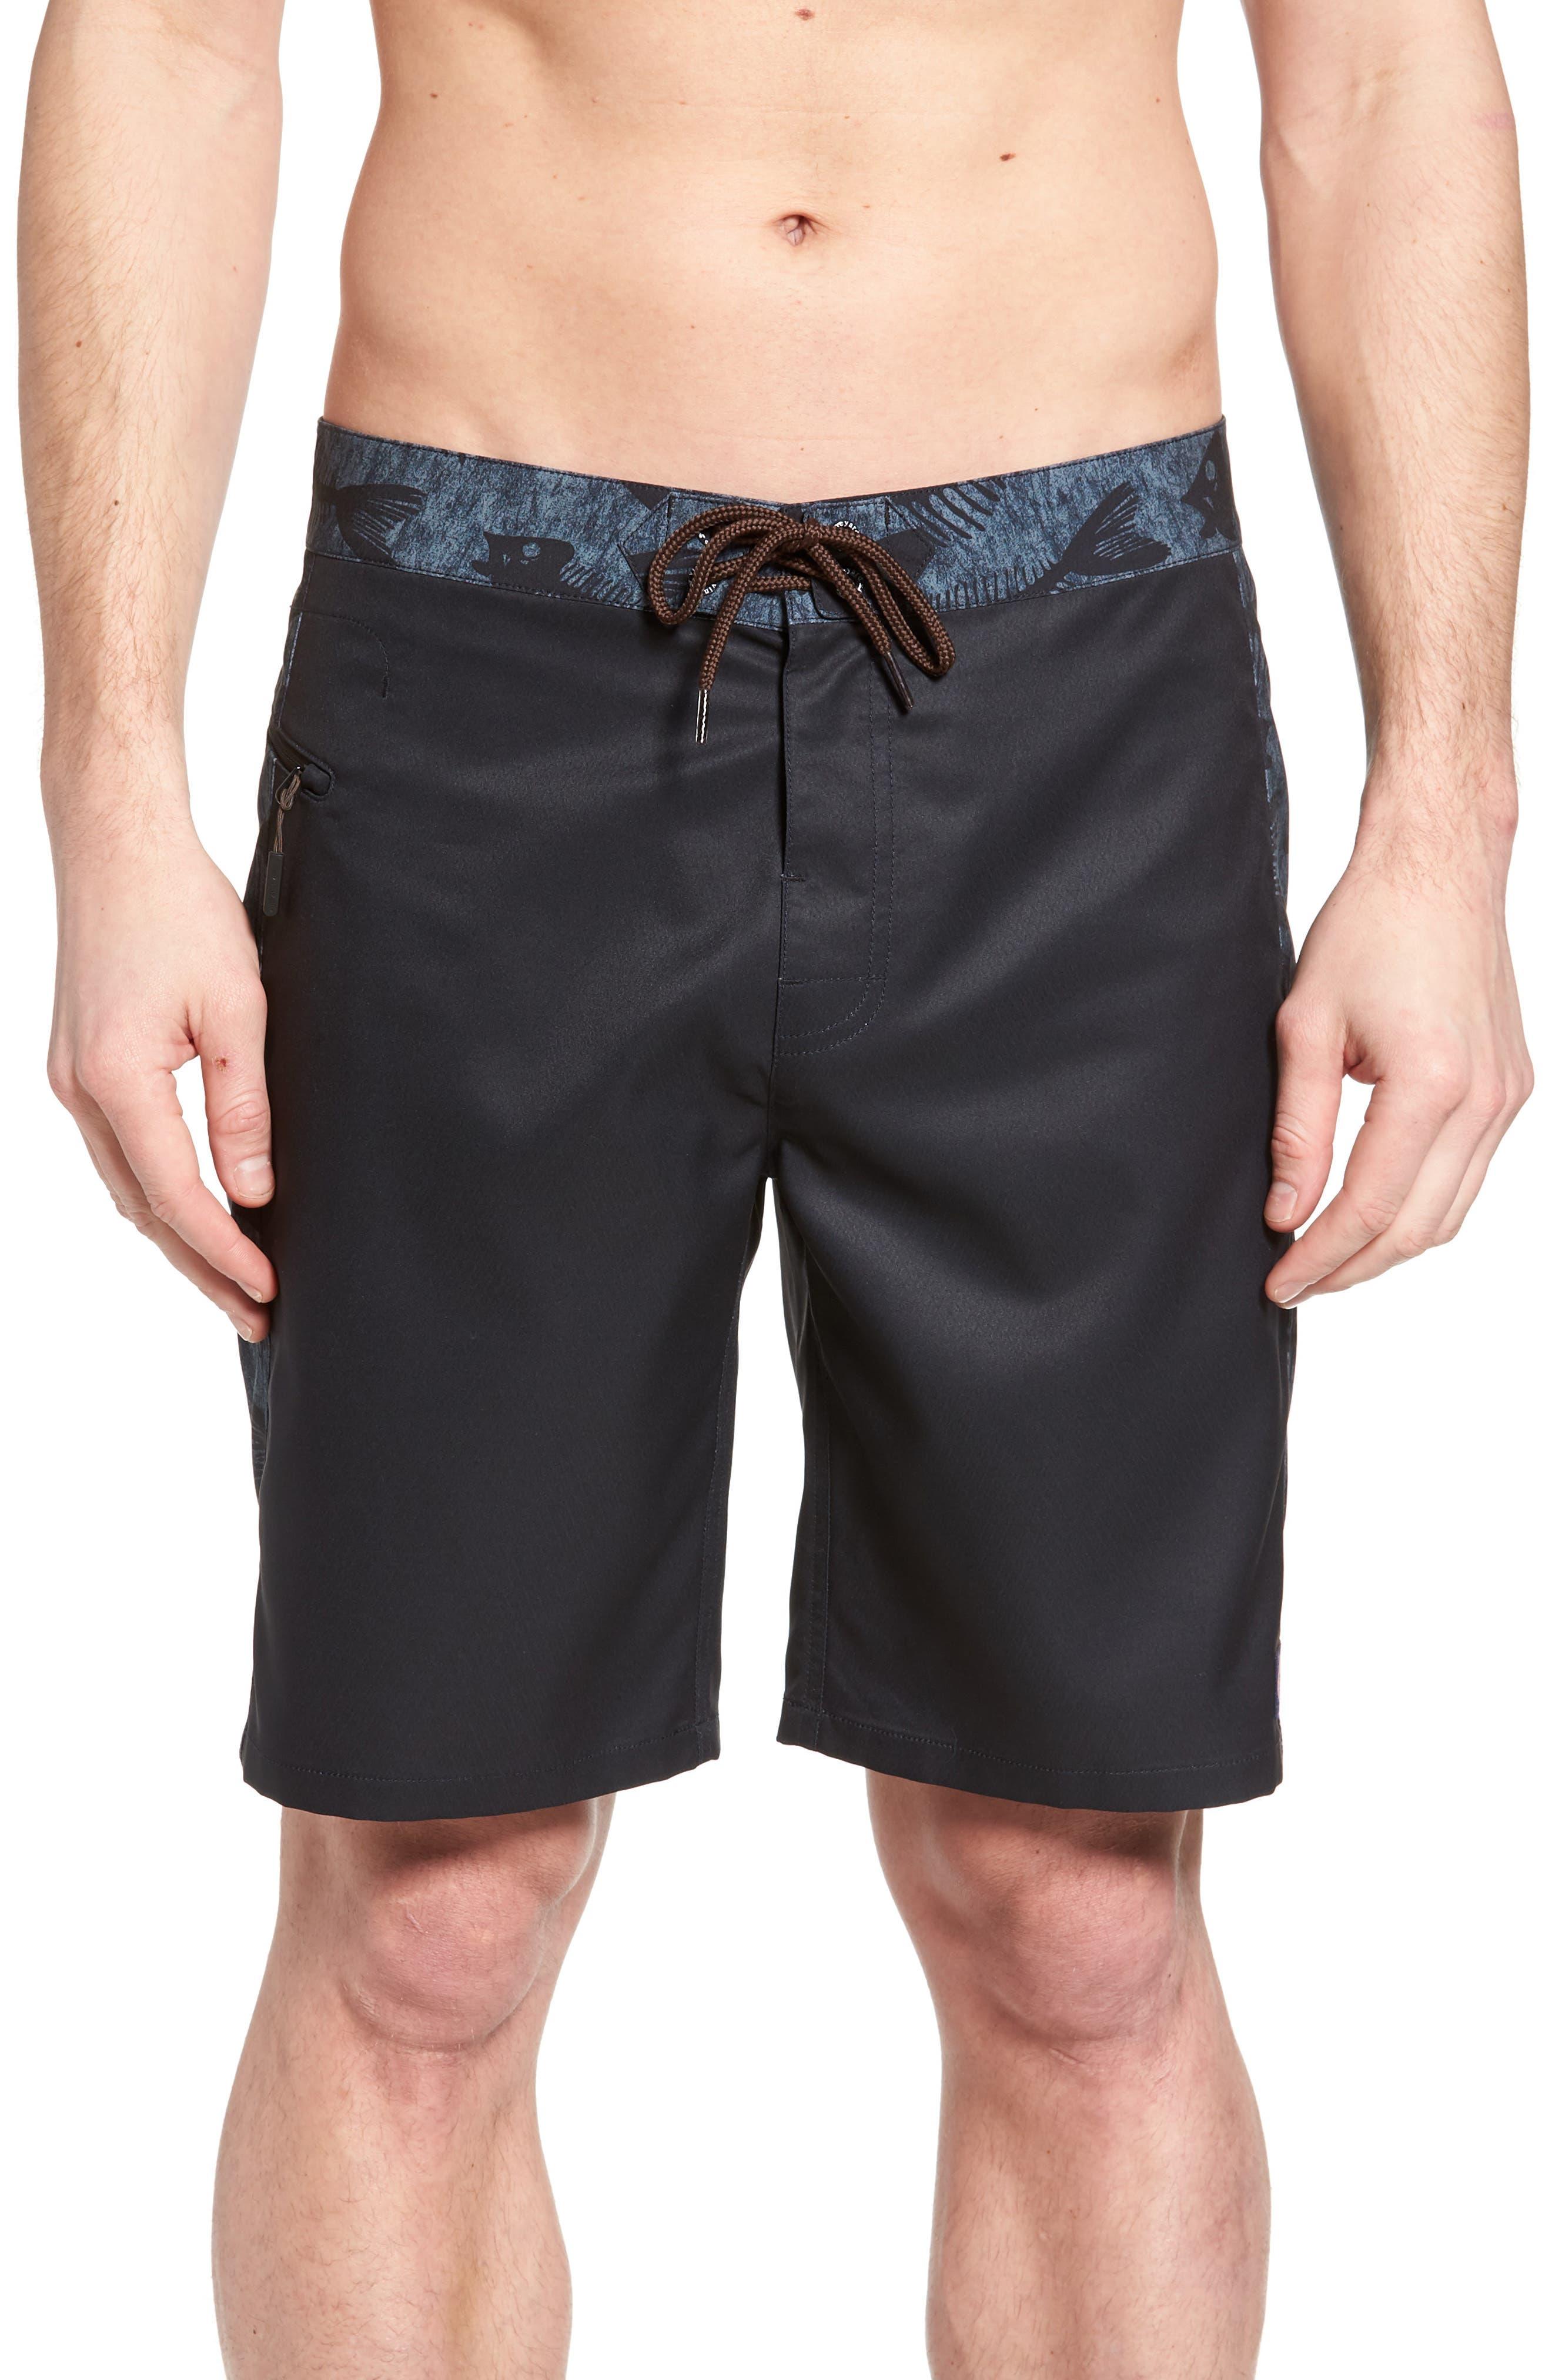 Bonefish Board Shorts,                         Main,                         color, 020